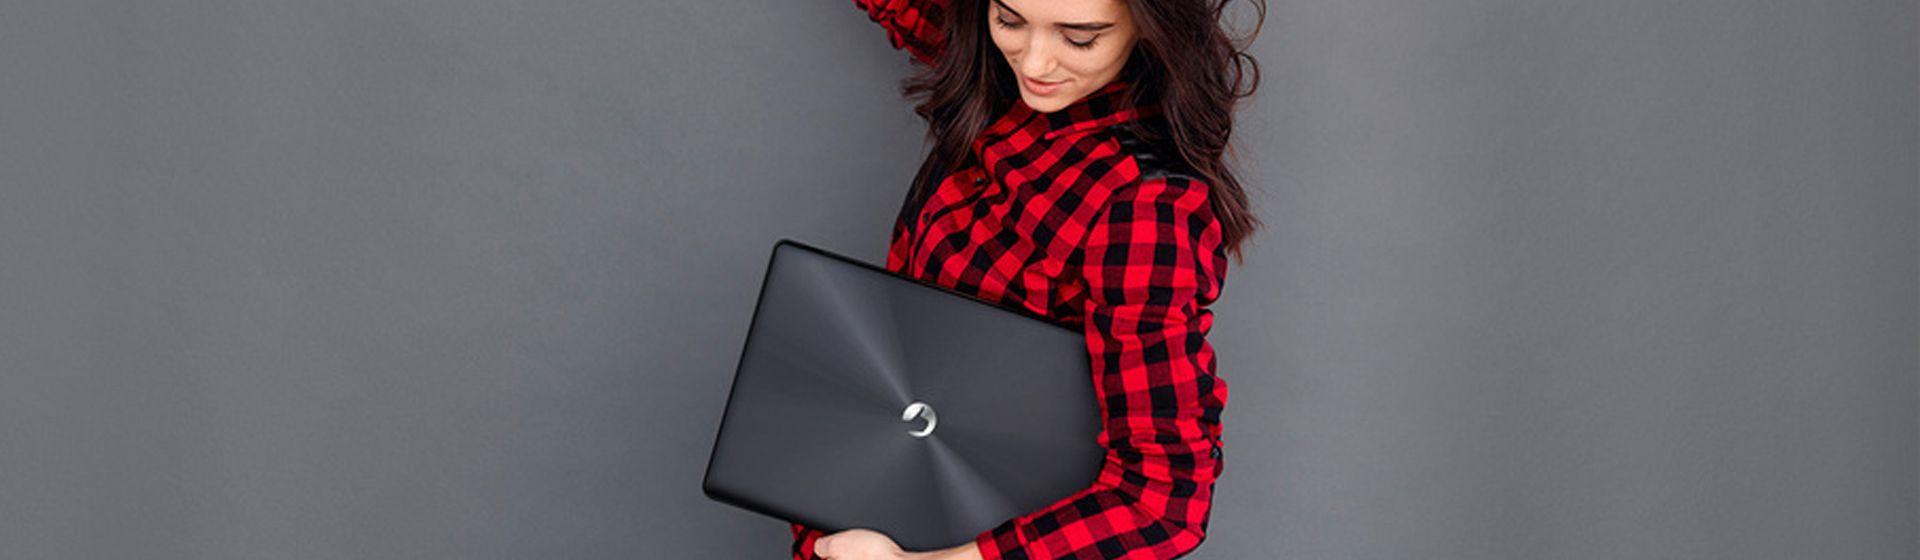 Notebook Positivo Stilo XC7660 é bom? Análise da ficha técnica do modelo